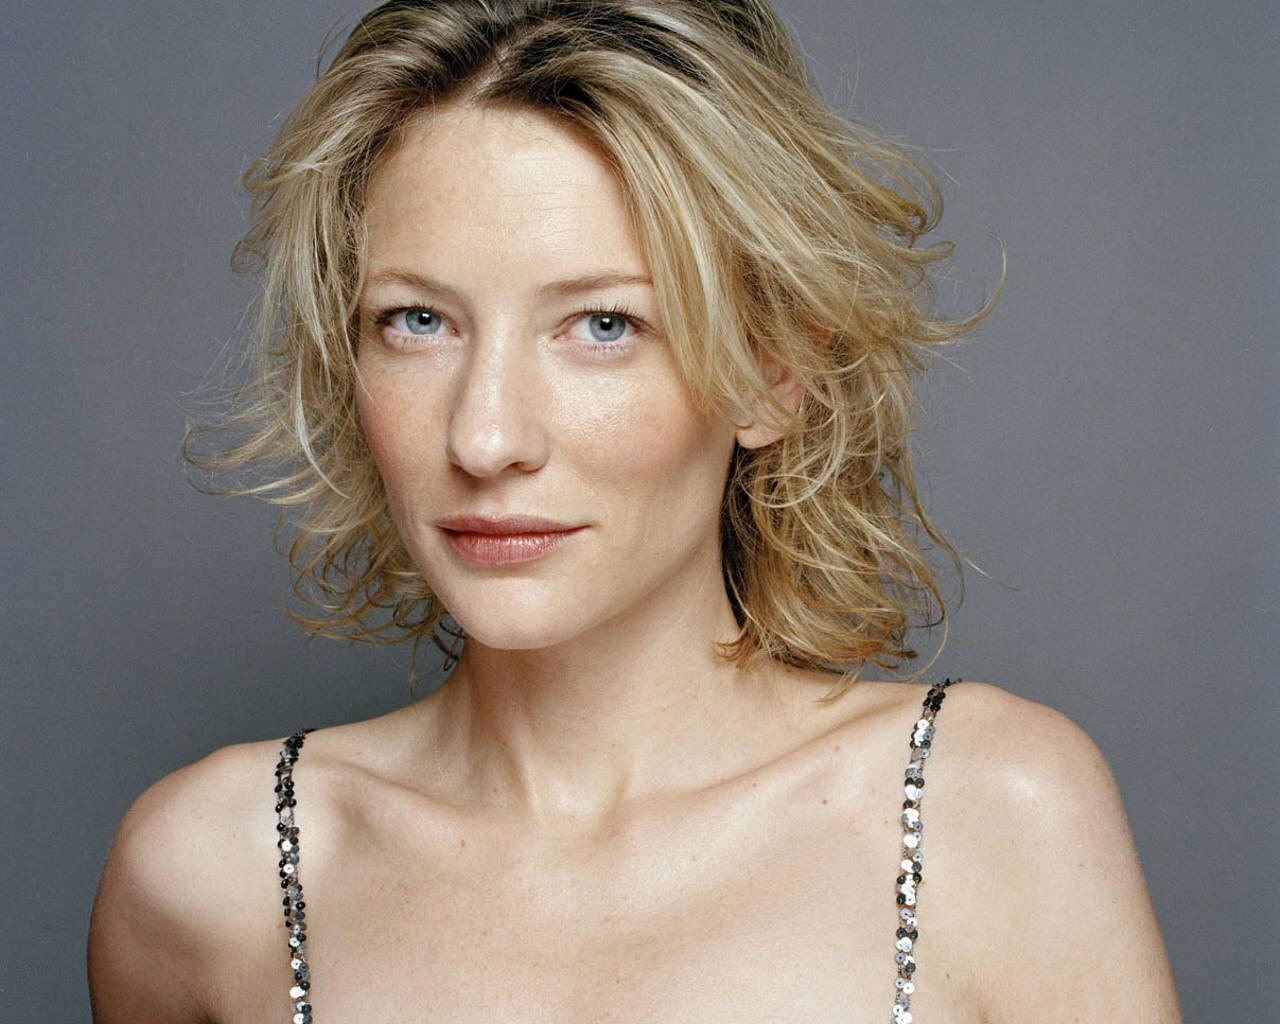 Cate Blanchett - Cate ... Cate Blanchett